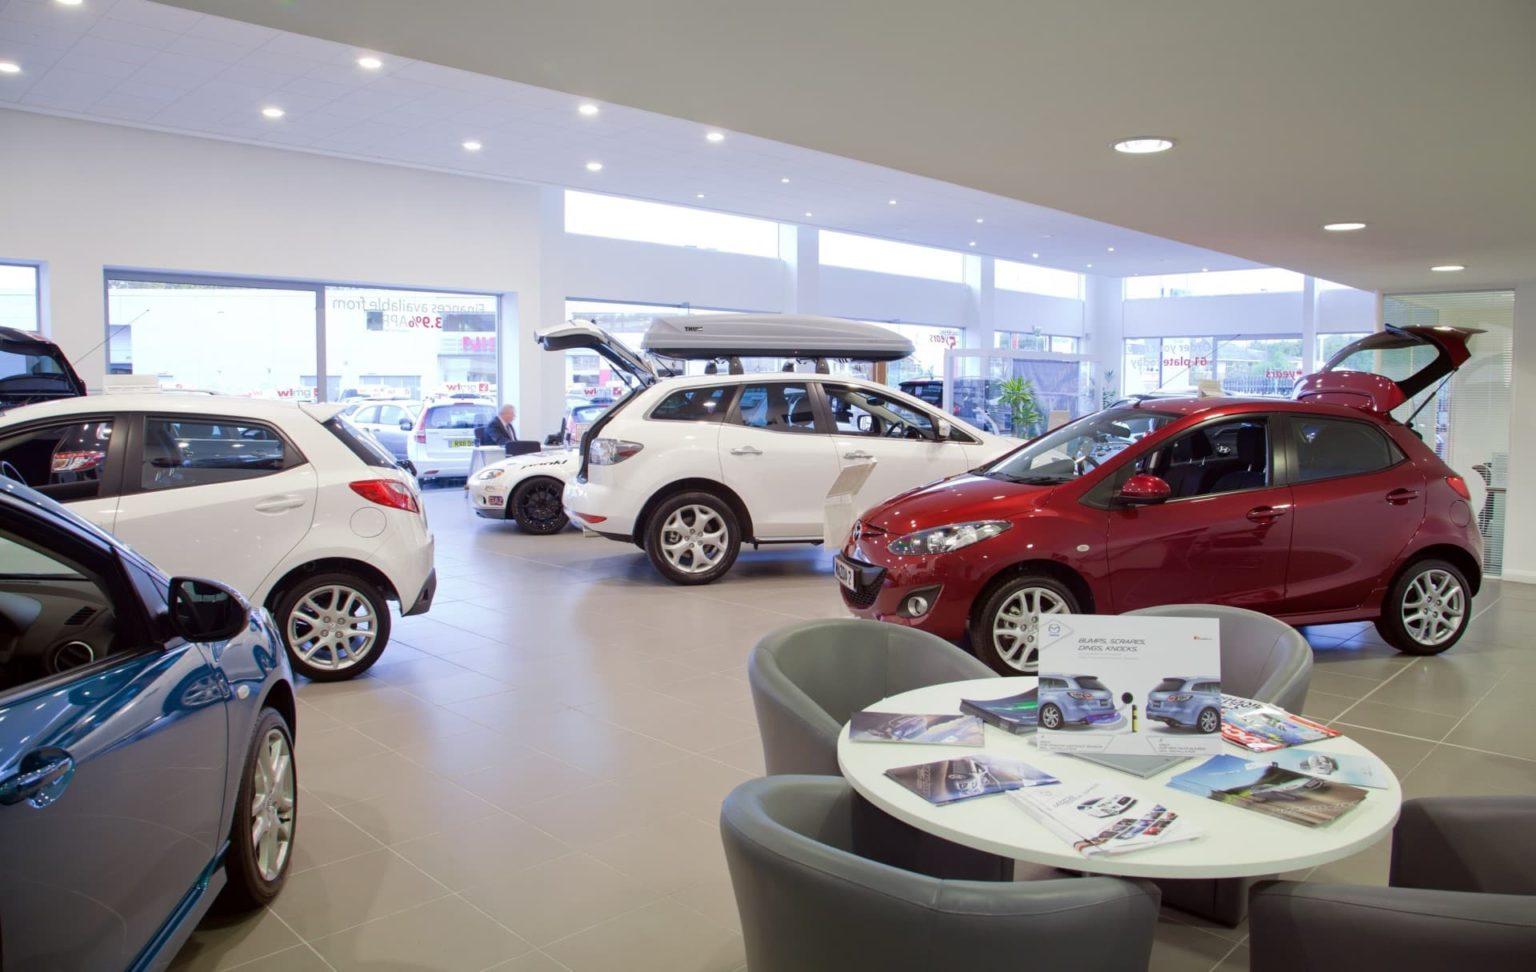 Publicada la rebaja del impuesto de matriculación: los coches nuevos serán más baratos hasta final de año